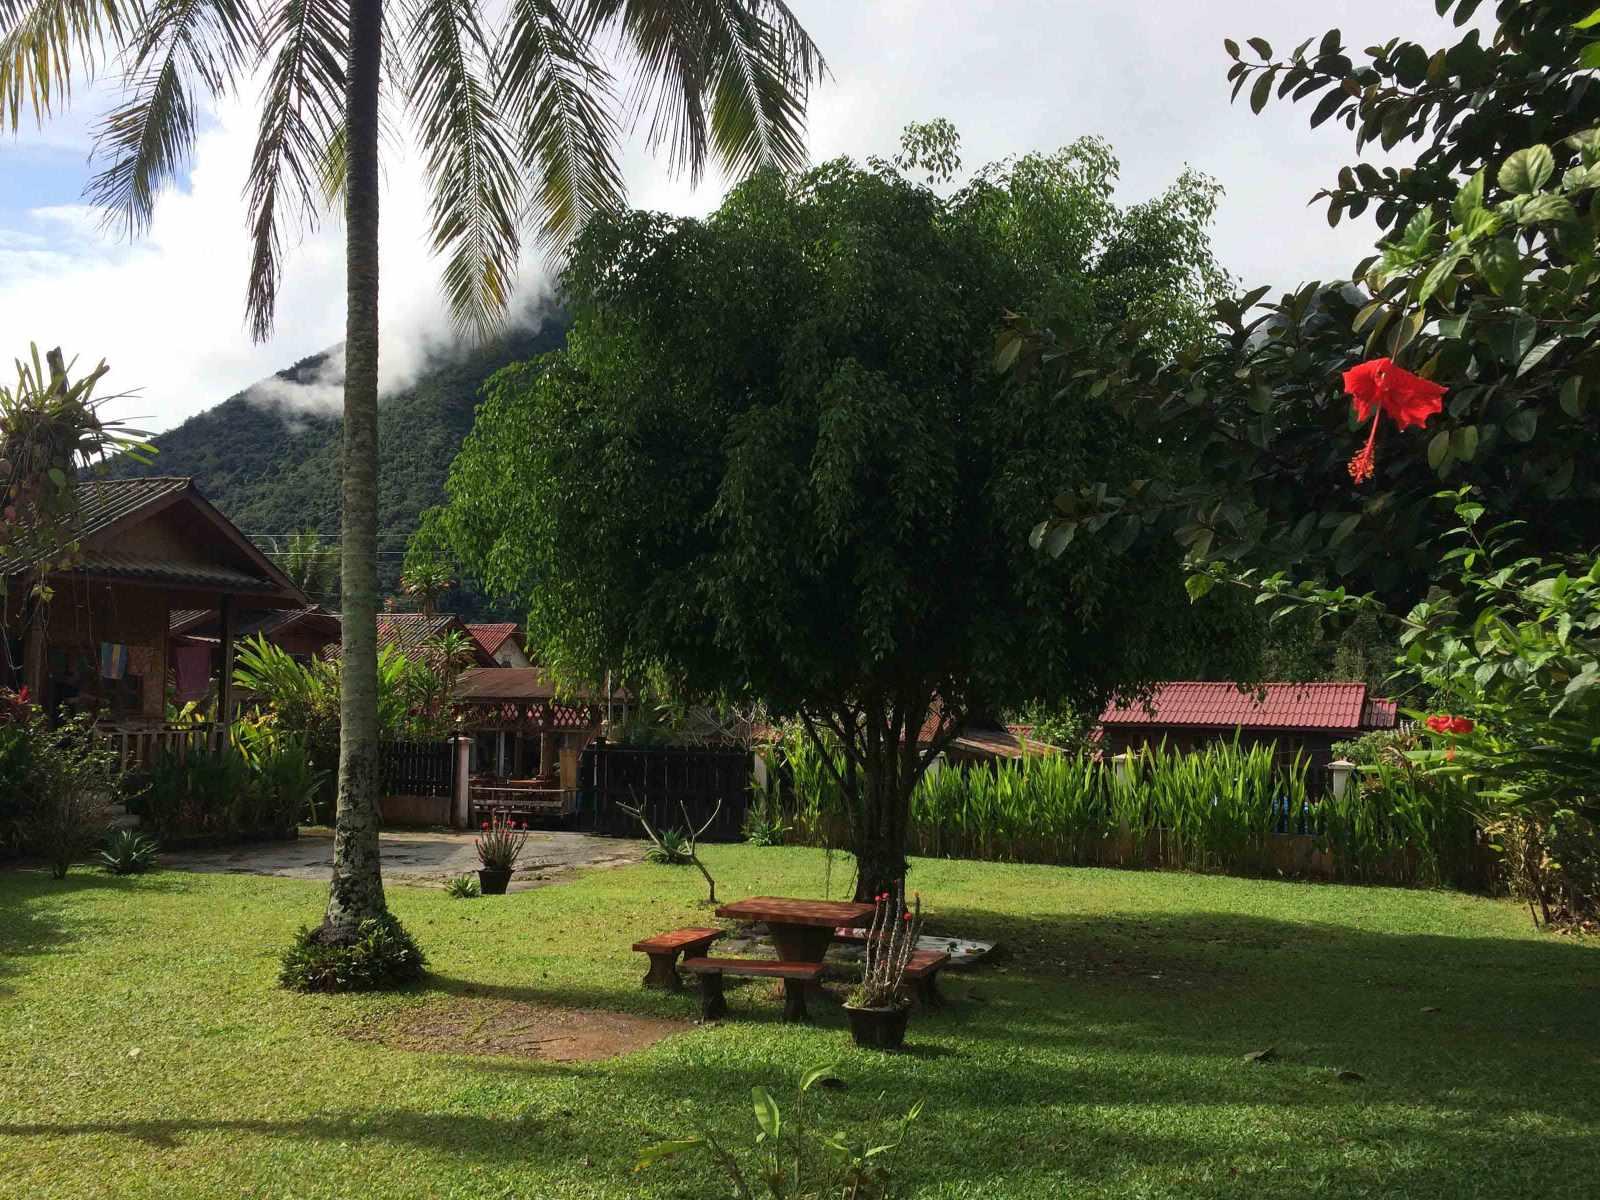 rondreis laos muang ngoi lattanavongsa guesthouse 1